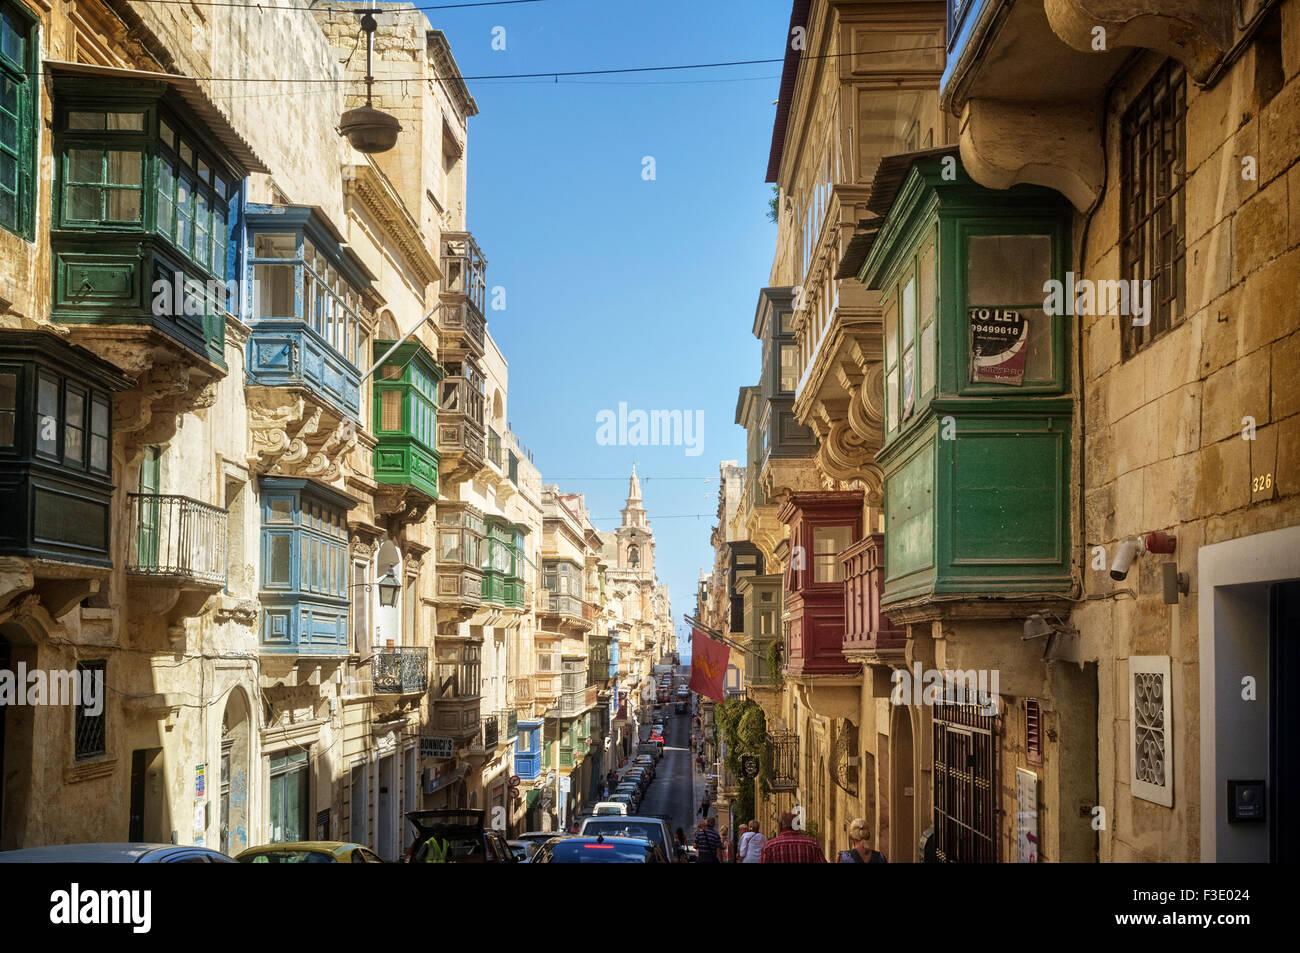 St Paul's Street Valletta - Stock Image